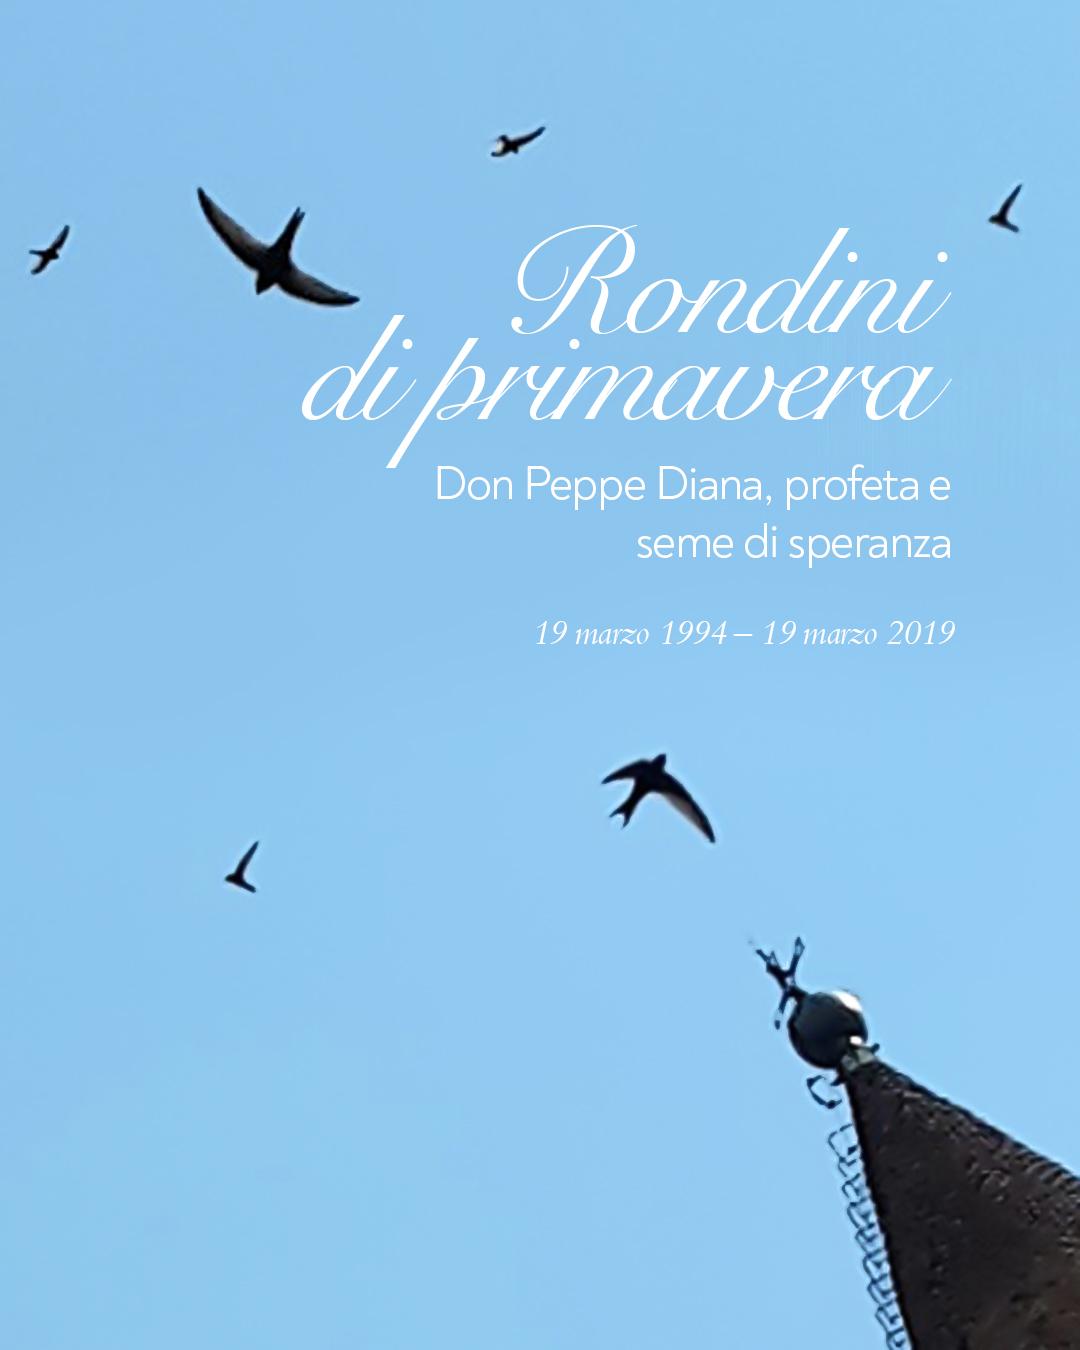 Rondini di Primavera – Don Peppe Diana profeta e seme di speranza